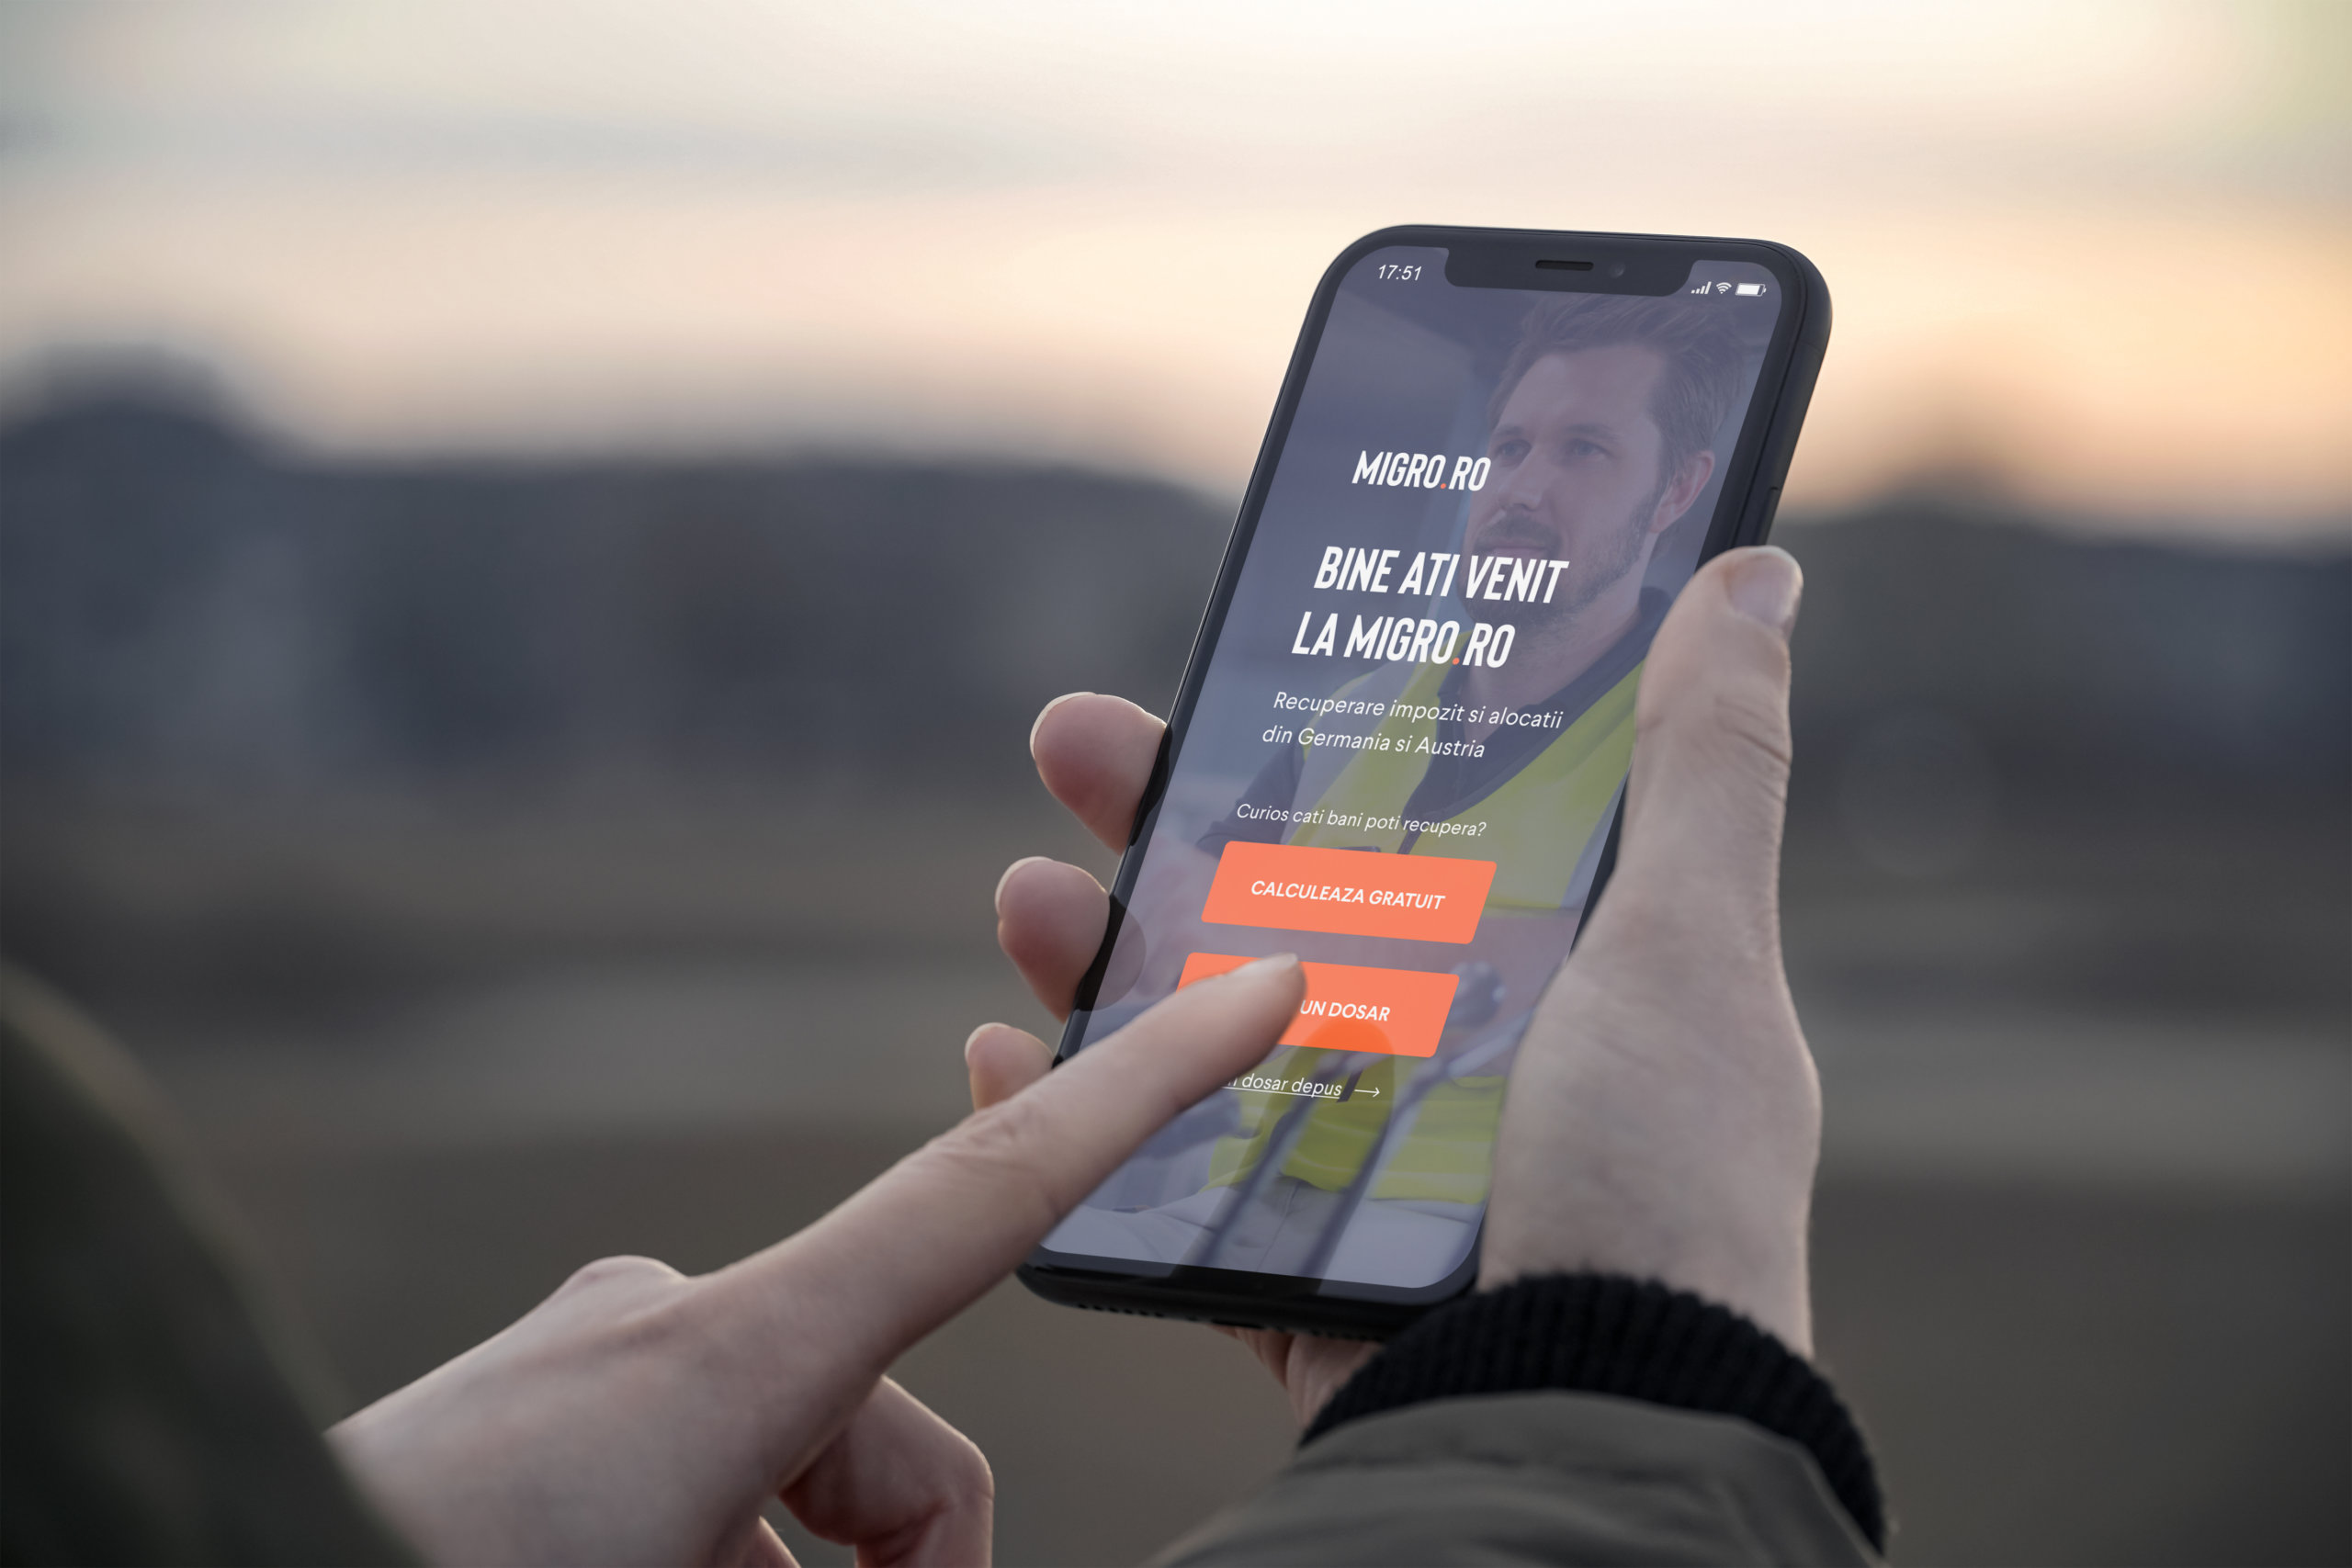 2021 aduce o nouă aplicație pentru recuperarea taxelor – Migro App